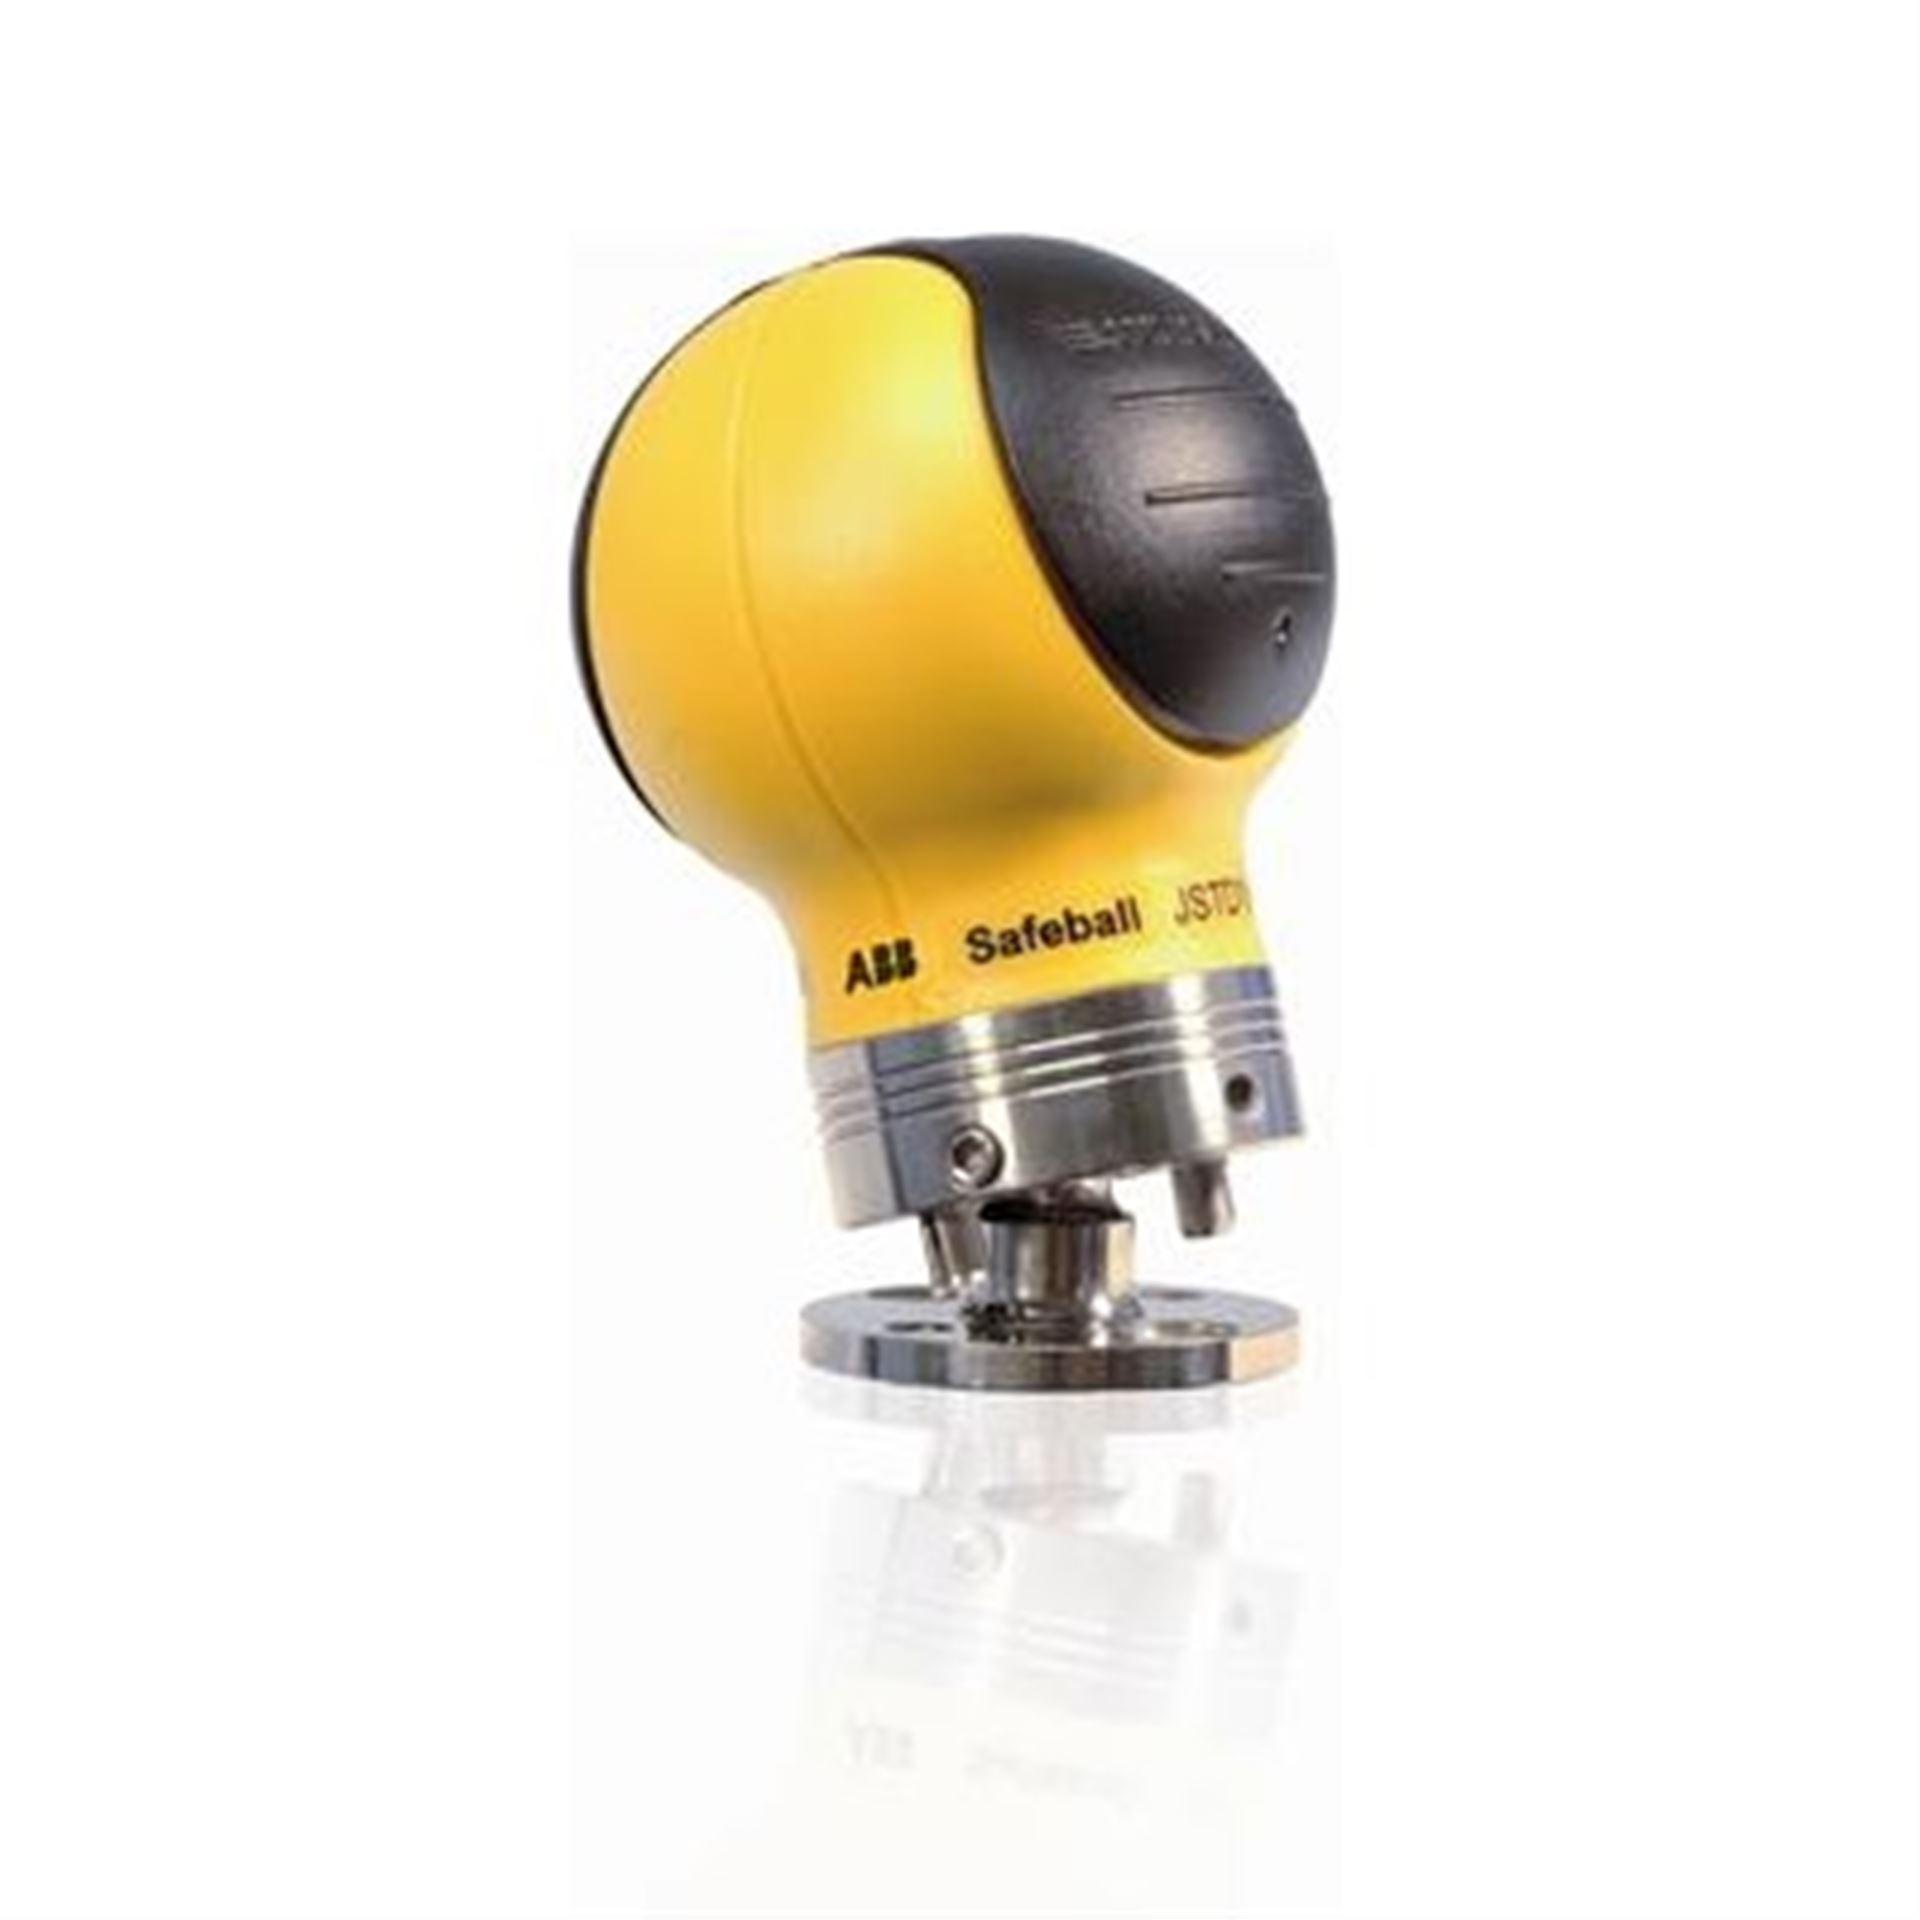 Safeball - Innovative und ergonomische Maschinensteuerung